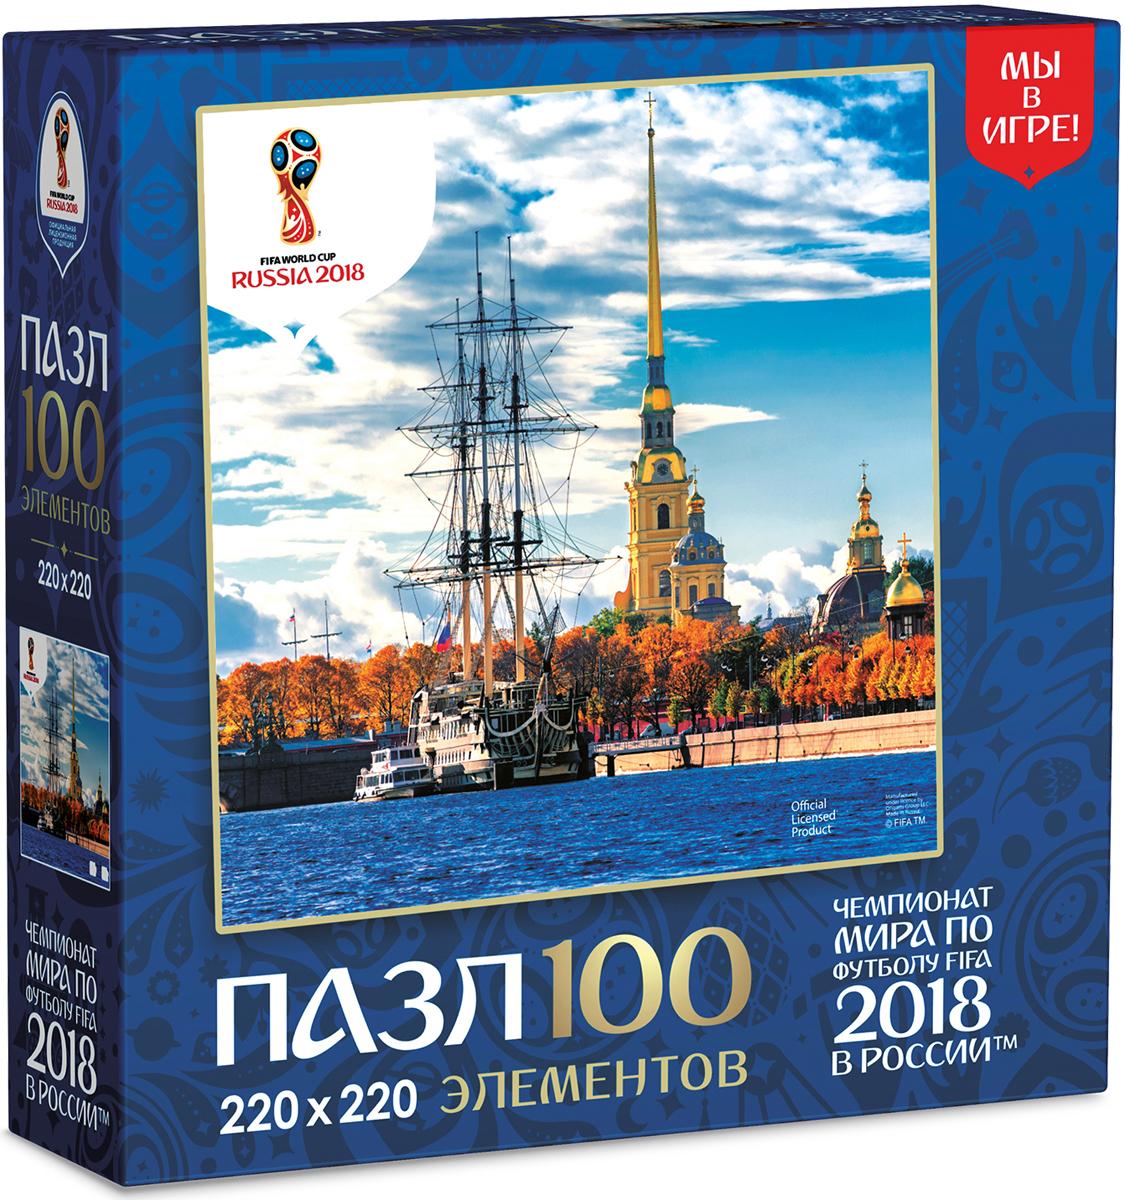 FIFA World Cup Russia 2018 Пазл Города Санкт-Петербург 03797